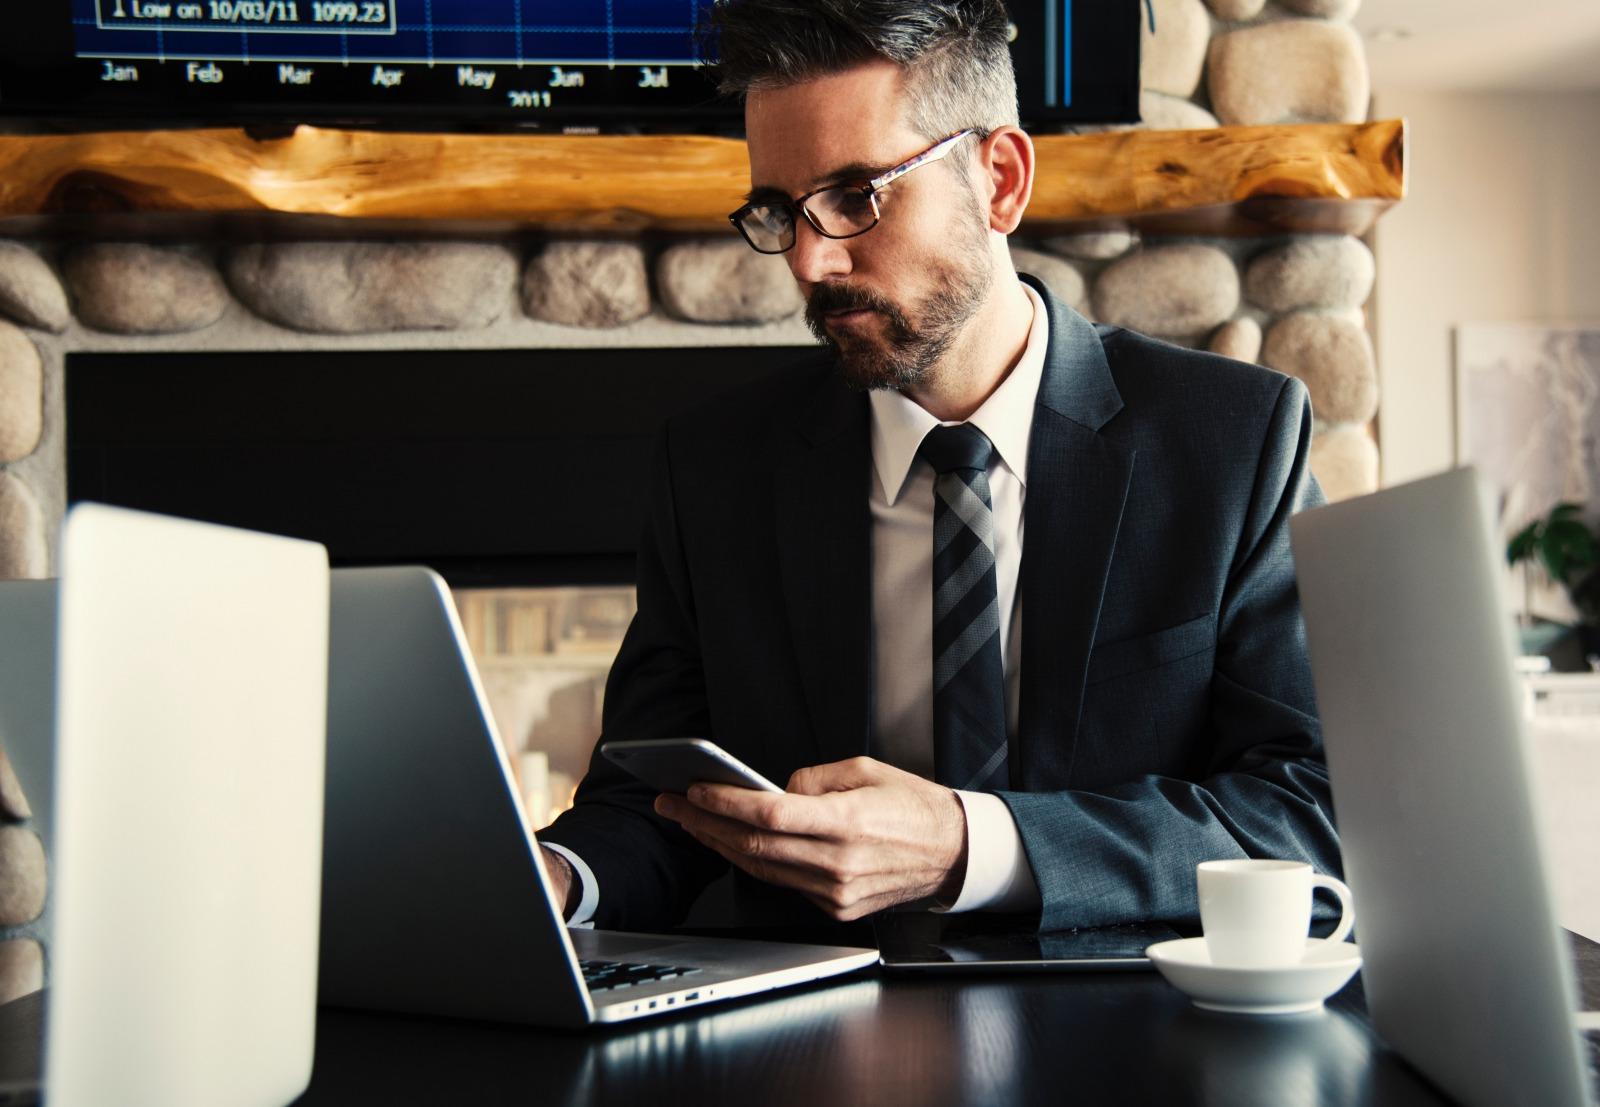 未経験でも弁理士への転職は可能!効果的な転職方法とは?